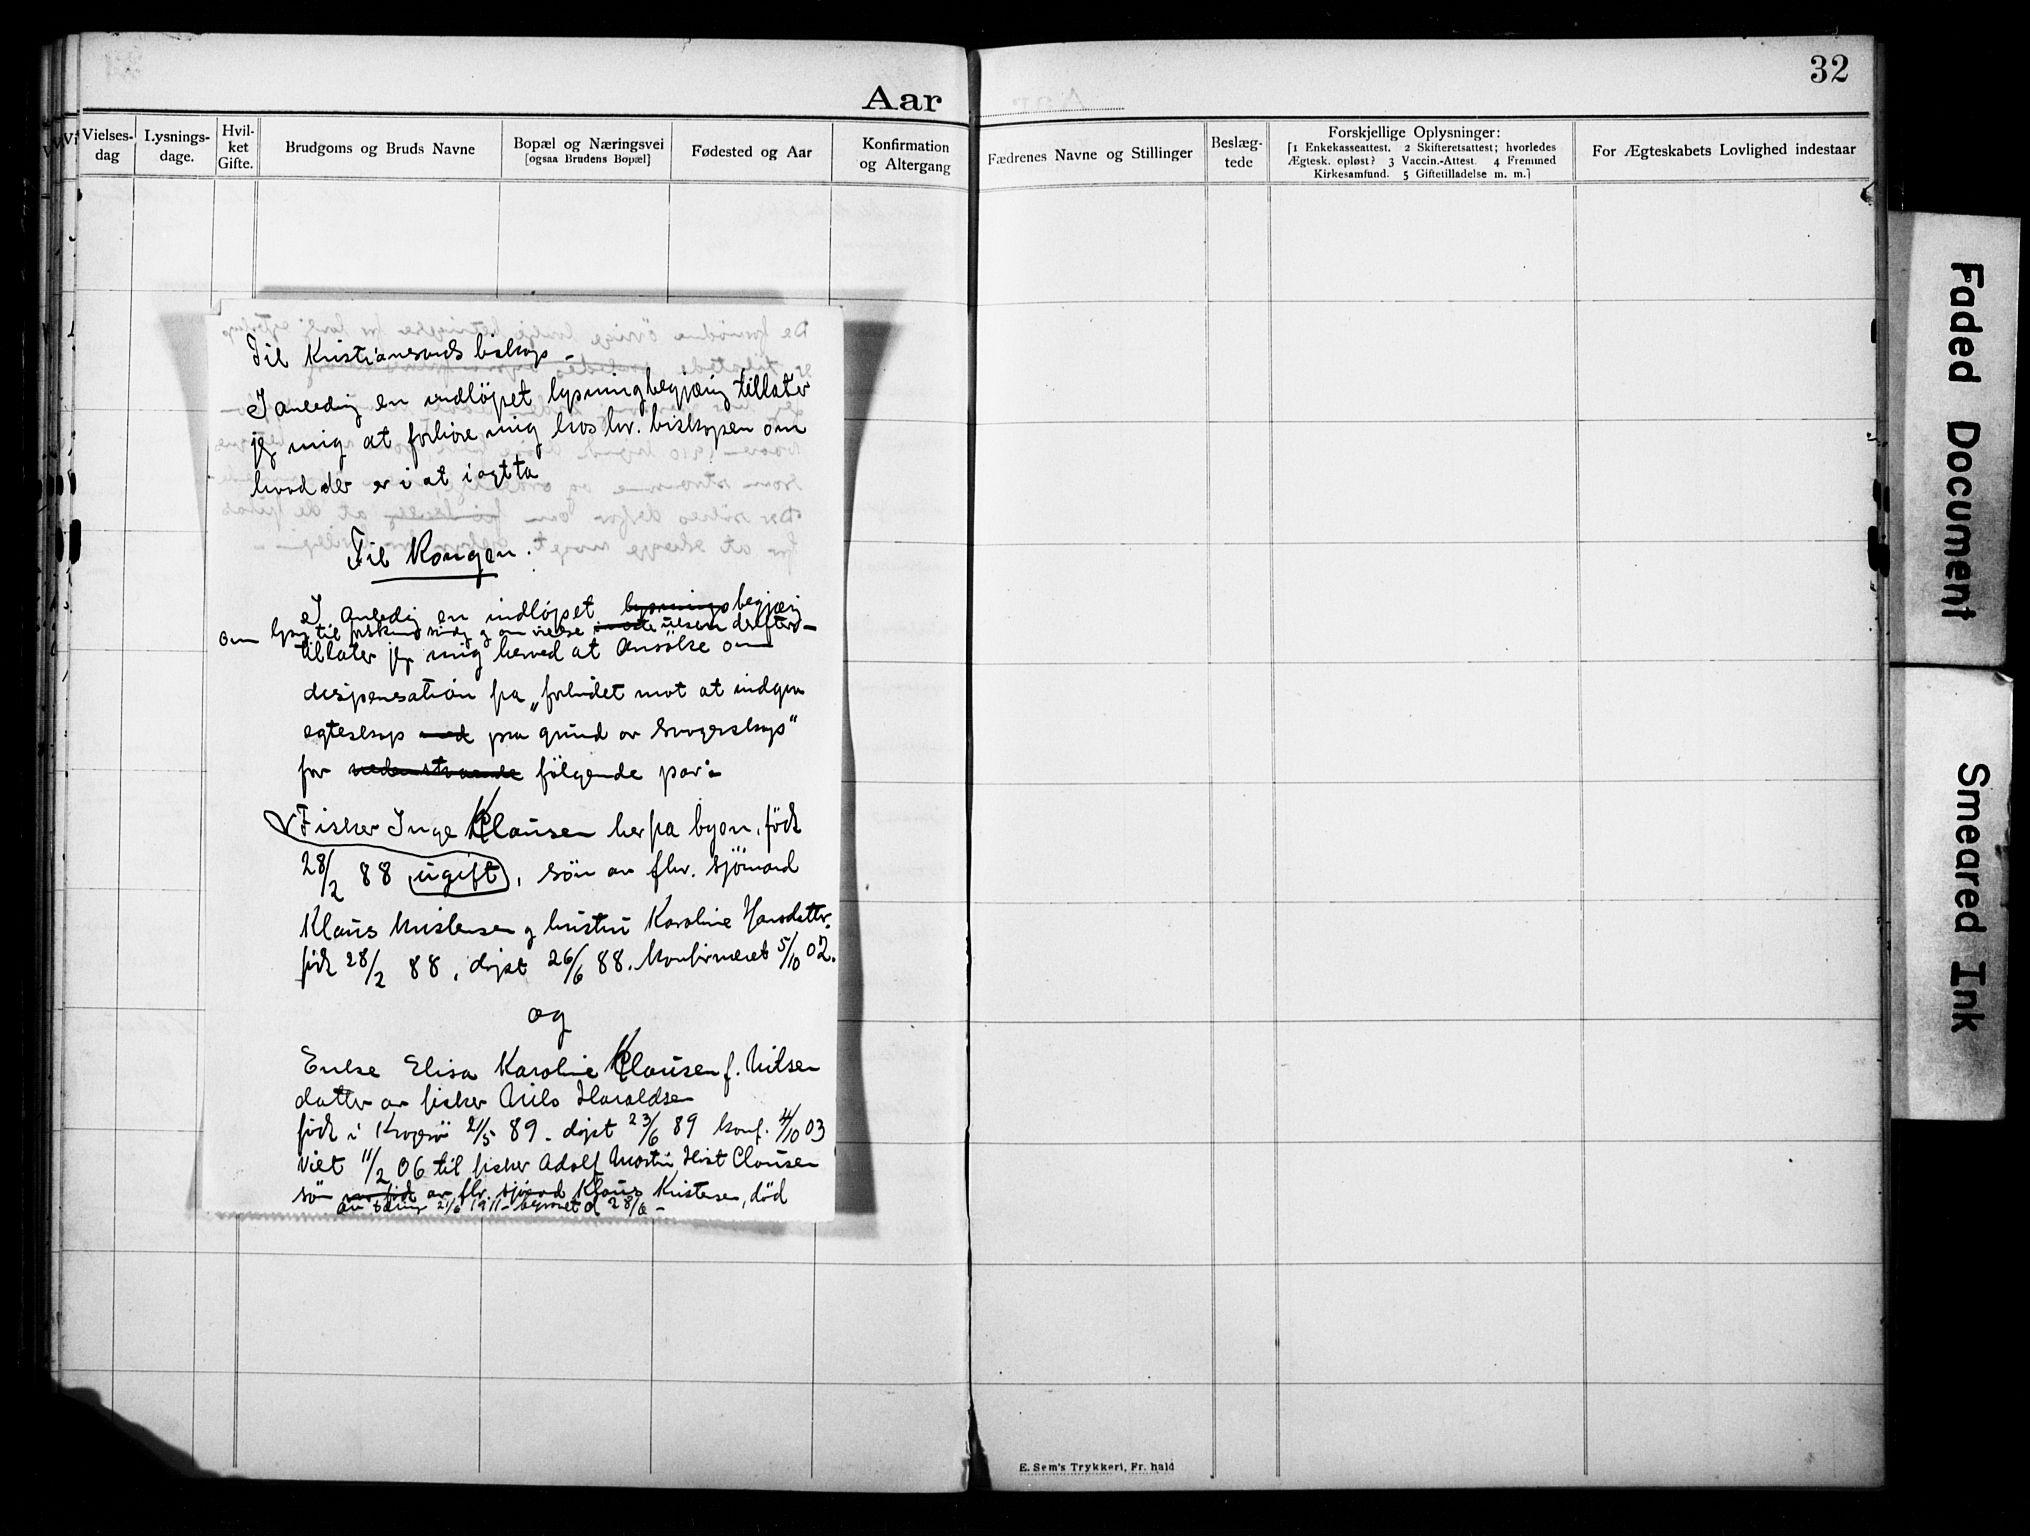 SAKO, Kragerø kirkebøker, H/Ha/L0001: Lysningsprotokoll nr. I 1, 1905-1918, s. 32